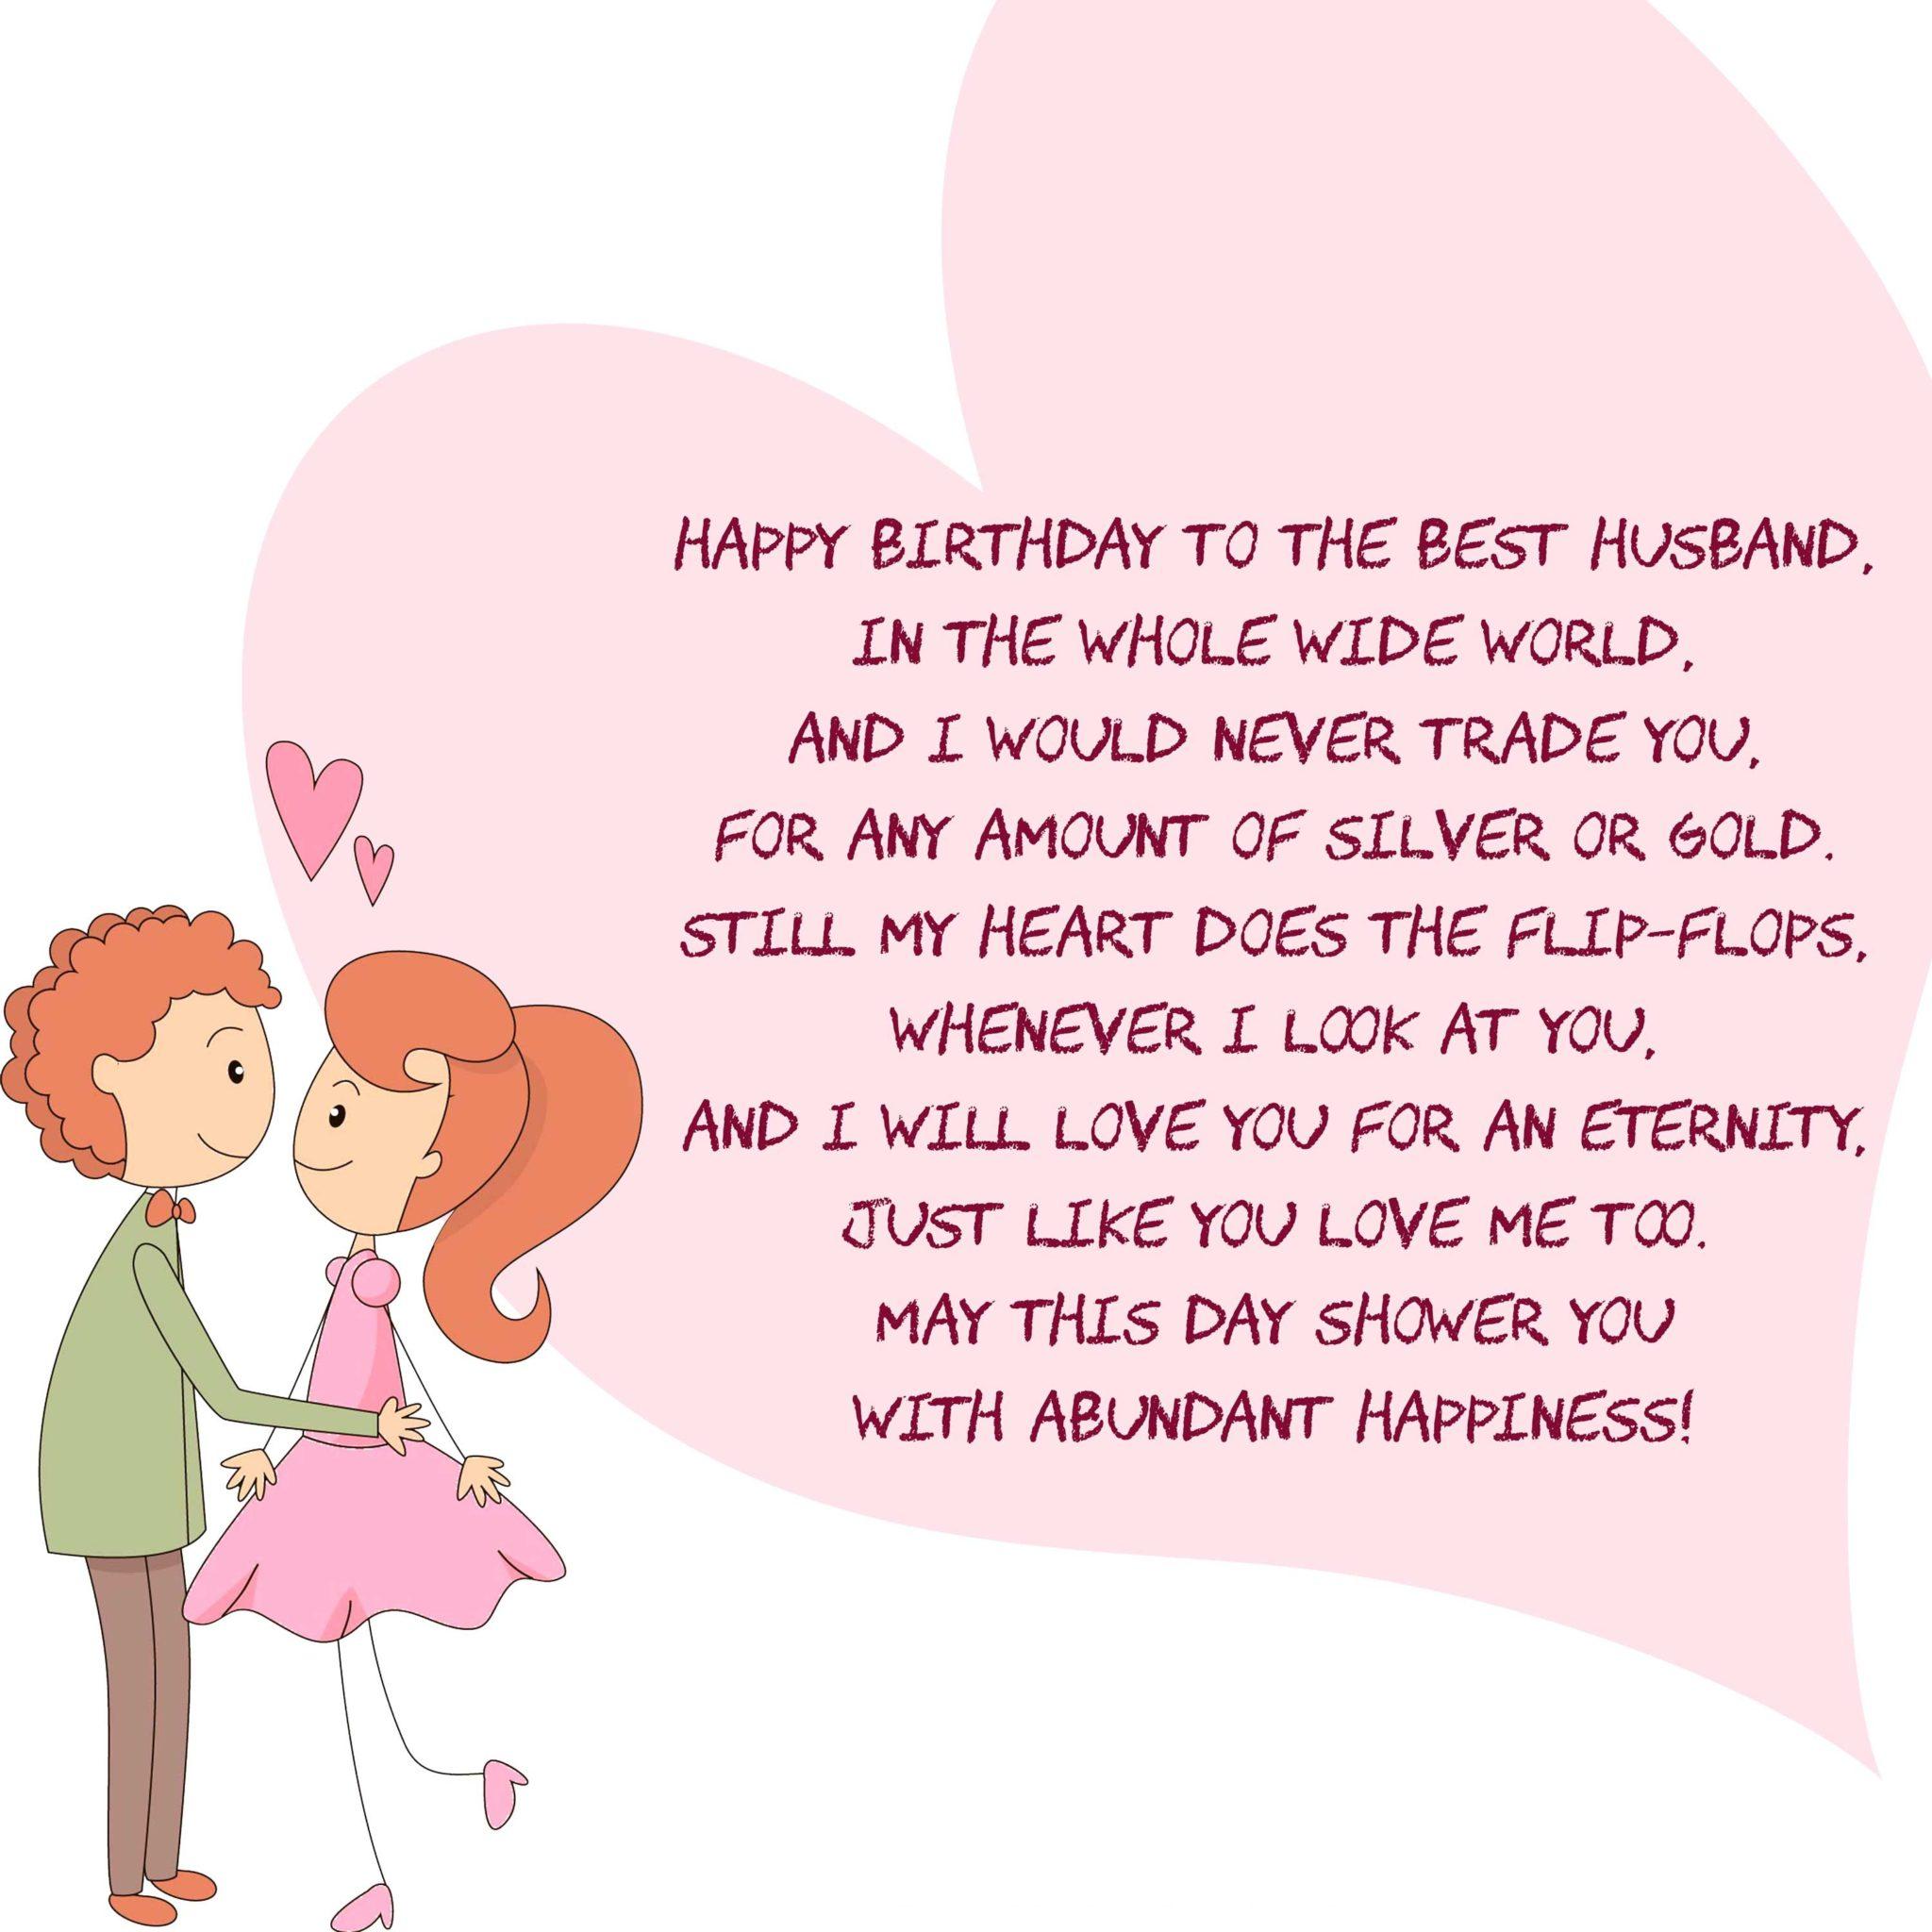 Happy birthday poems for him or her boyfriend girlfriend